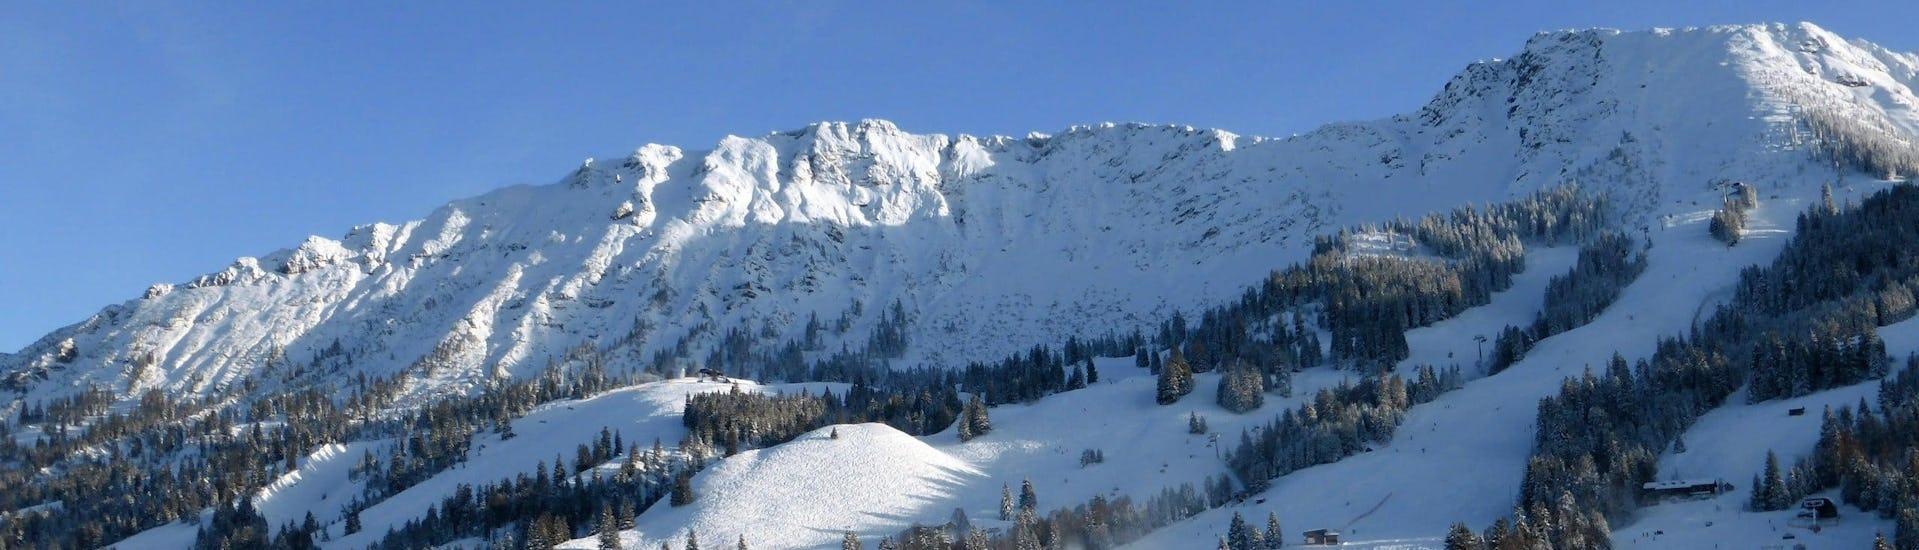 Vue sur un paysage de montagne ensoleillé lors d'un cours de ski avec l'une des écoles de ski de la station de ski Bad Hindelang.